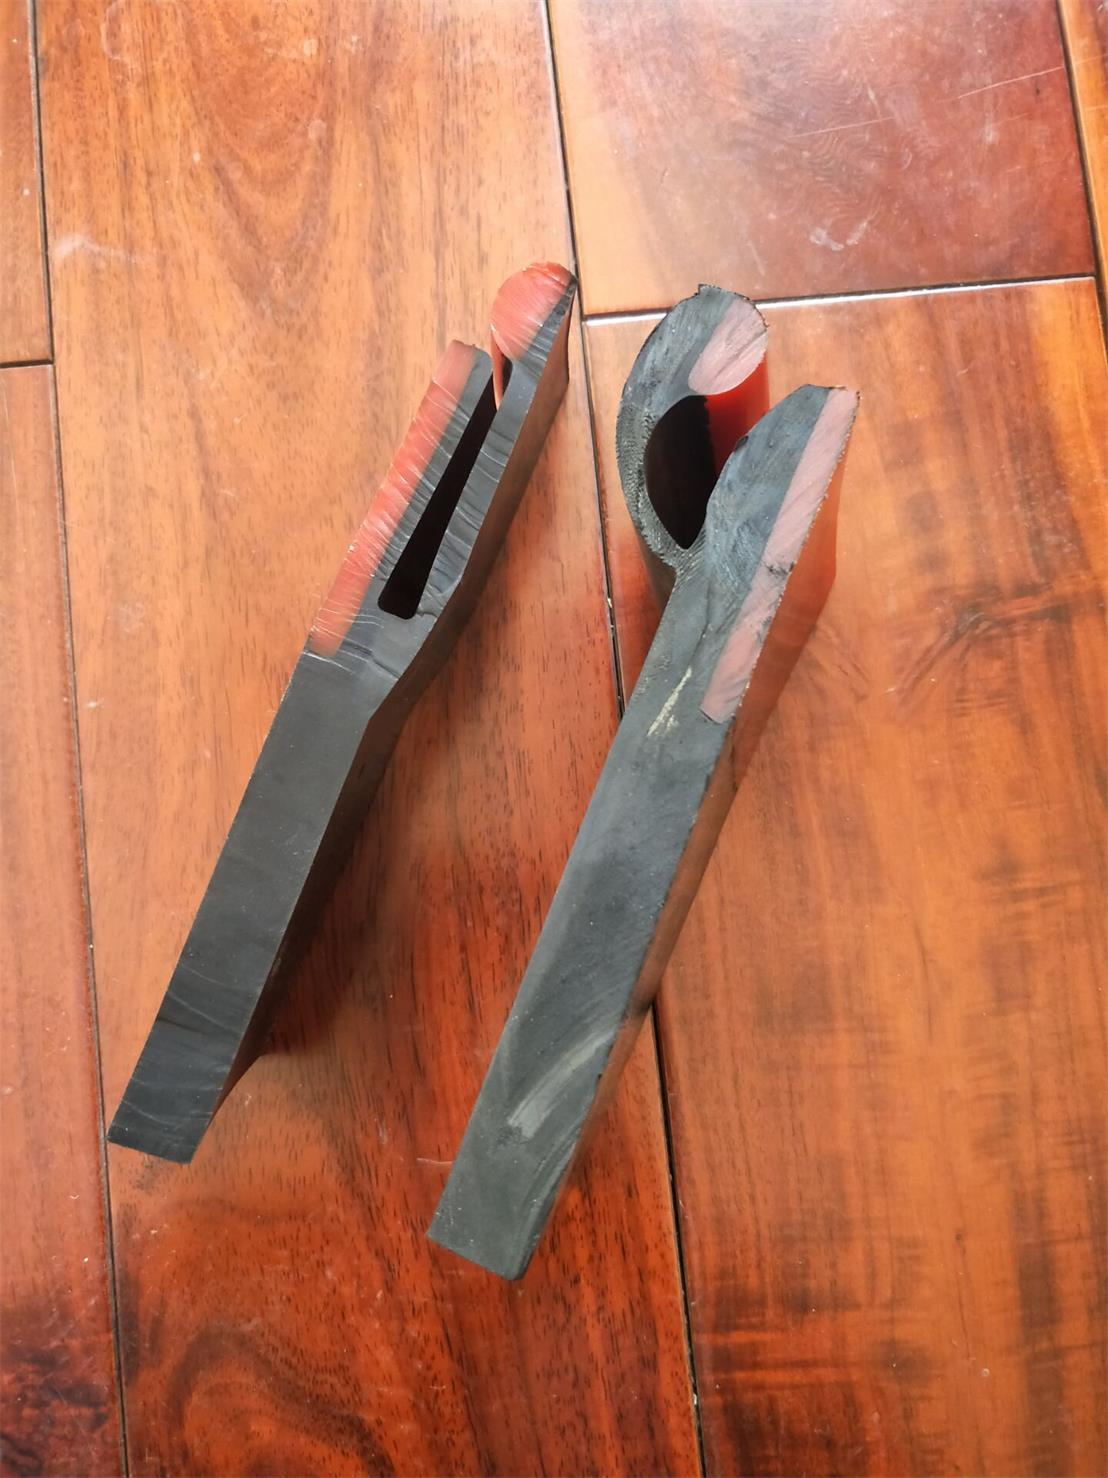 200*14导料槽防溢裙板 防溢裙边 皮带机防溢裙板确保粉尘不外溢